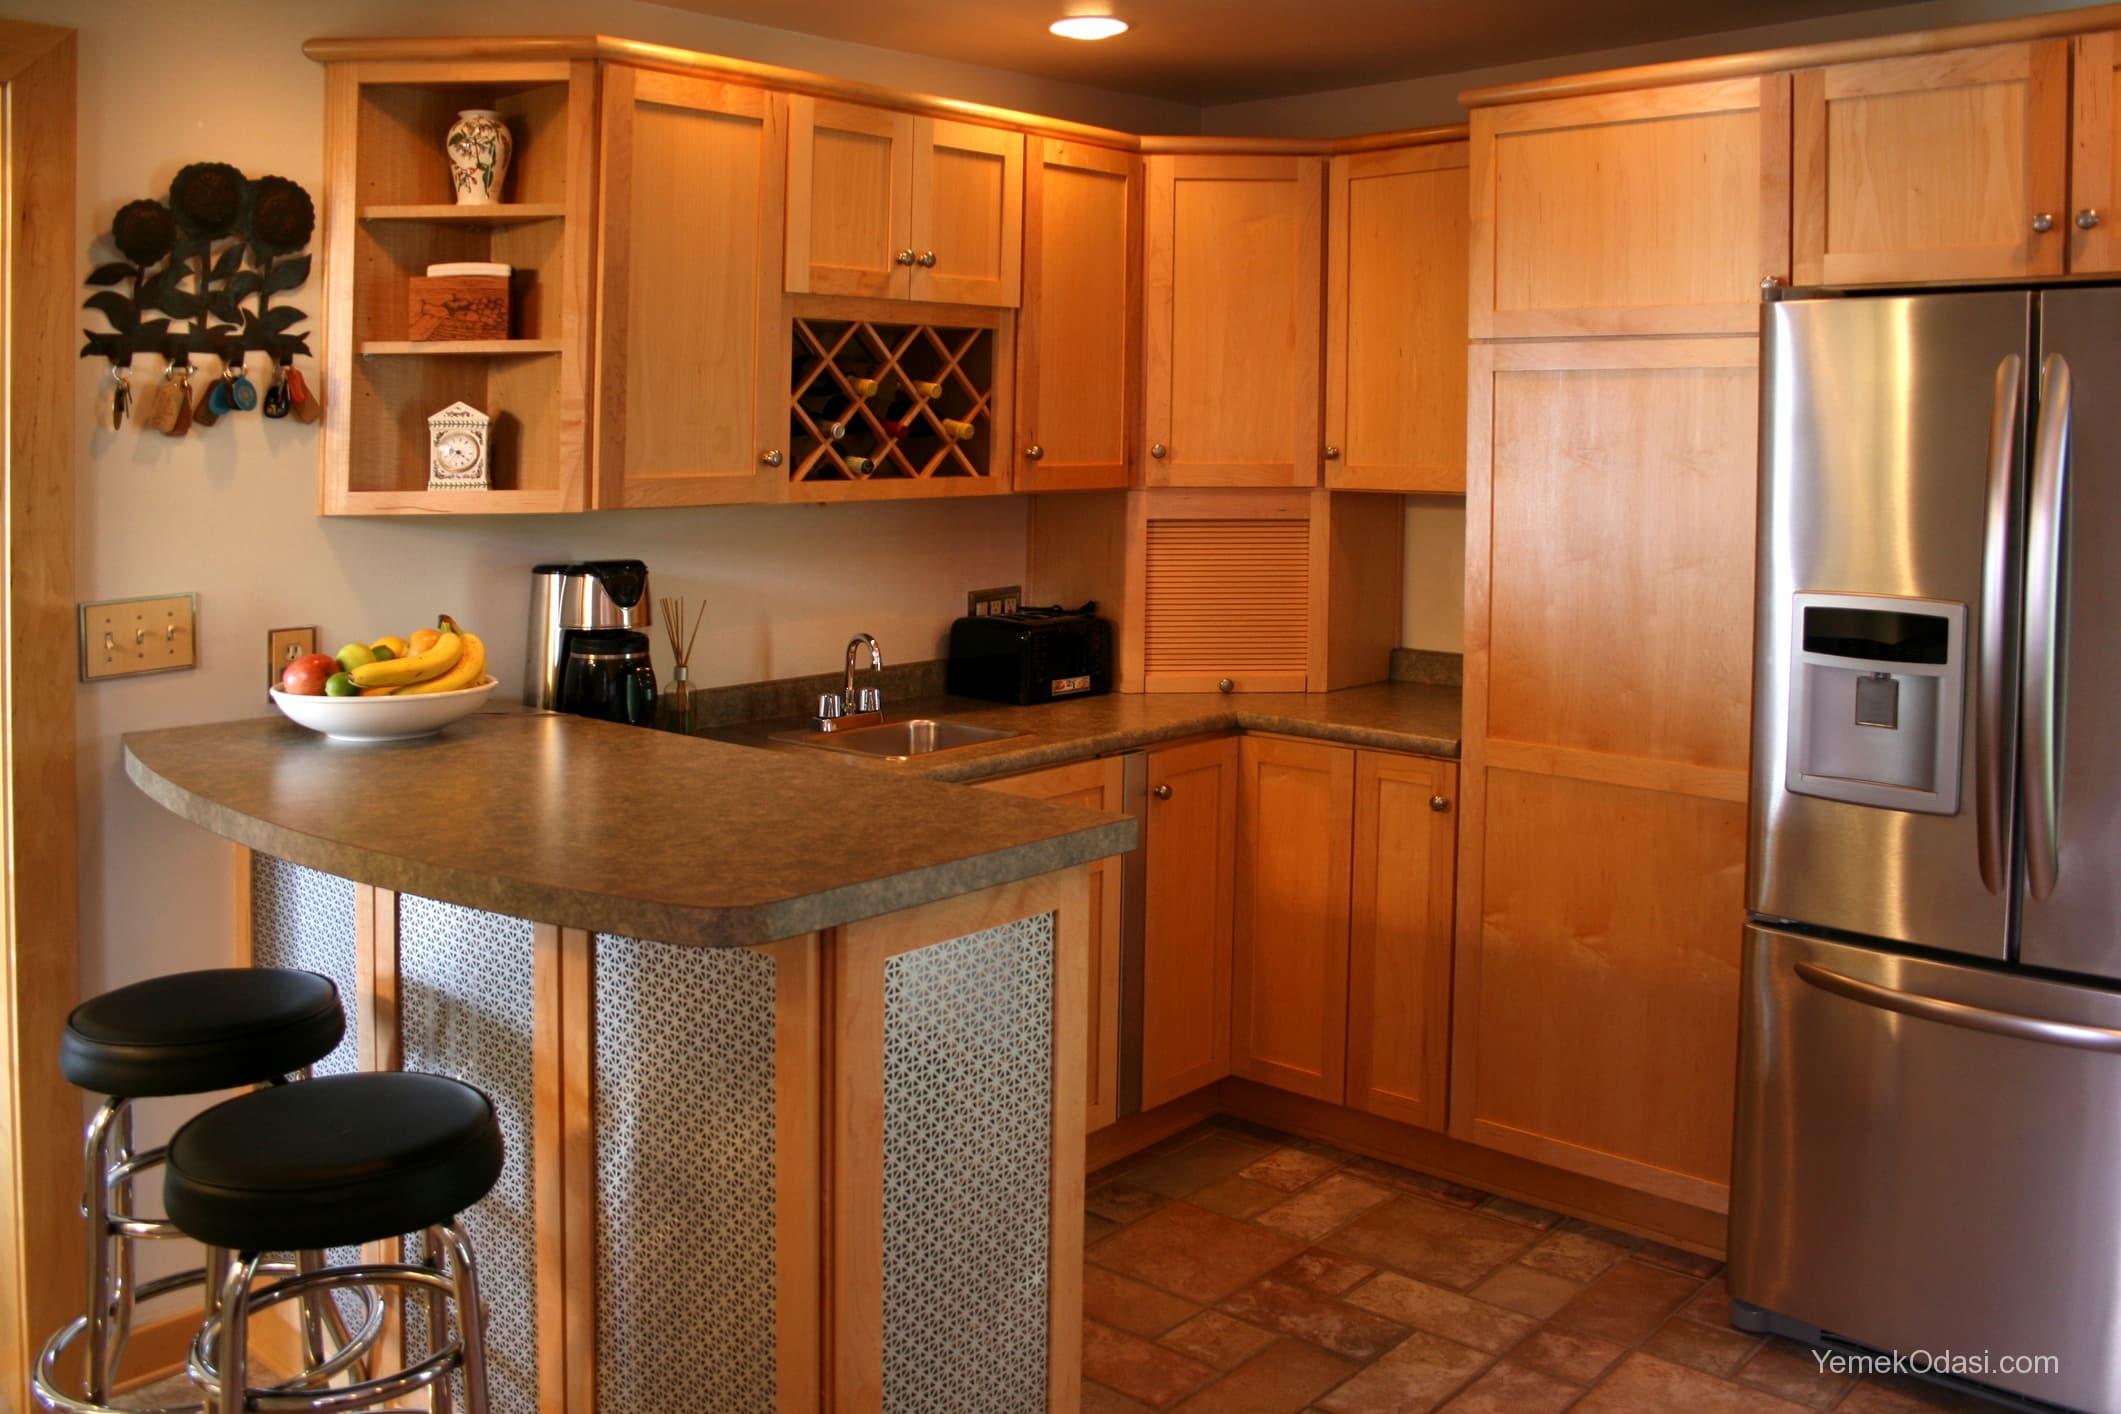 Amerikan Mutfak Dekorasyonları İle Mutfaklarınız Dudak Uçuklatacak 6